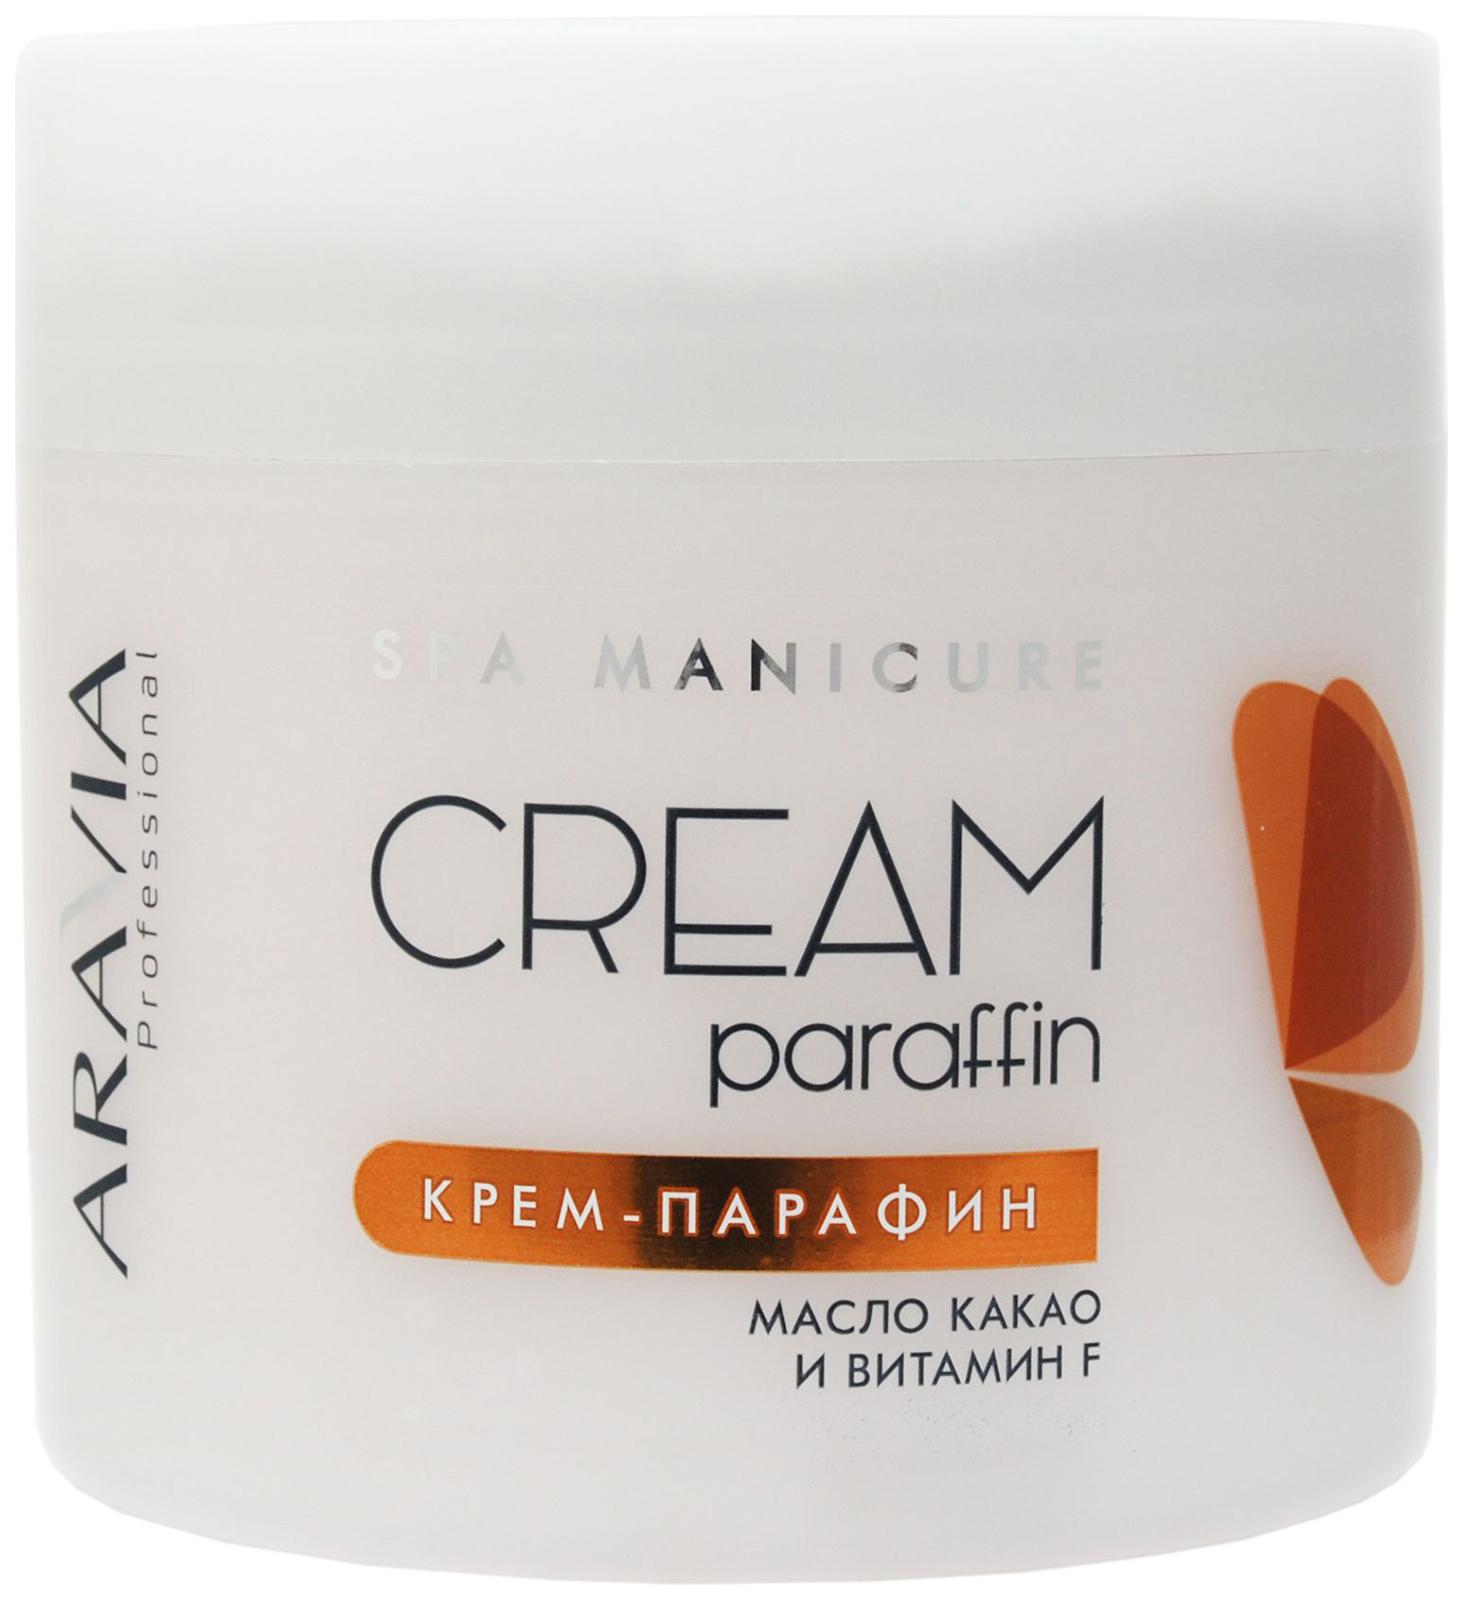 Крем-парафин Aravia Professional Сливочный шоколад, 300 мл, с маслом какао и витамином F фото